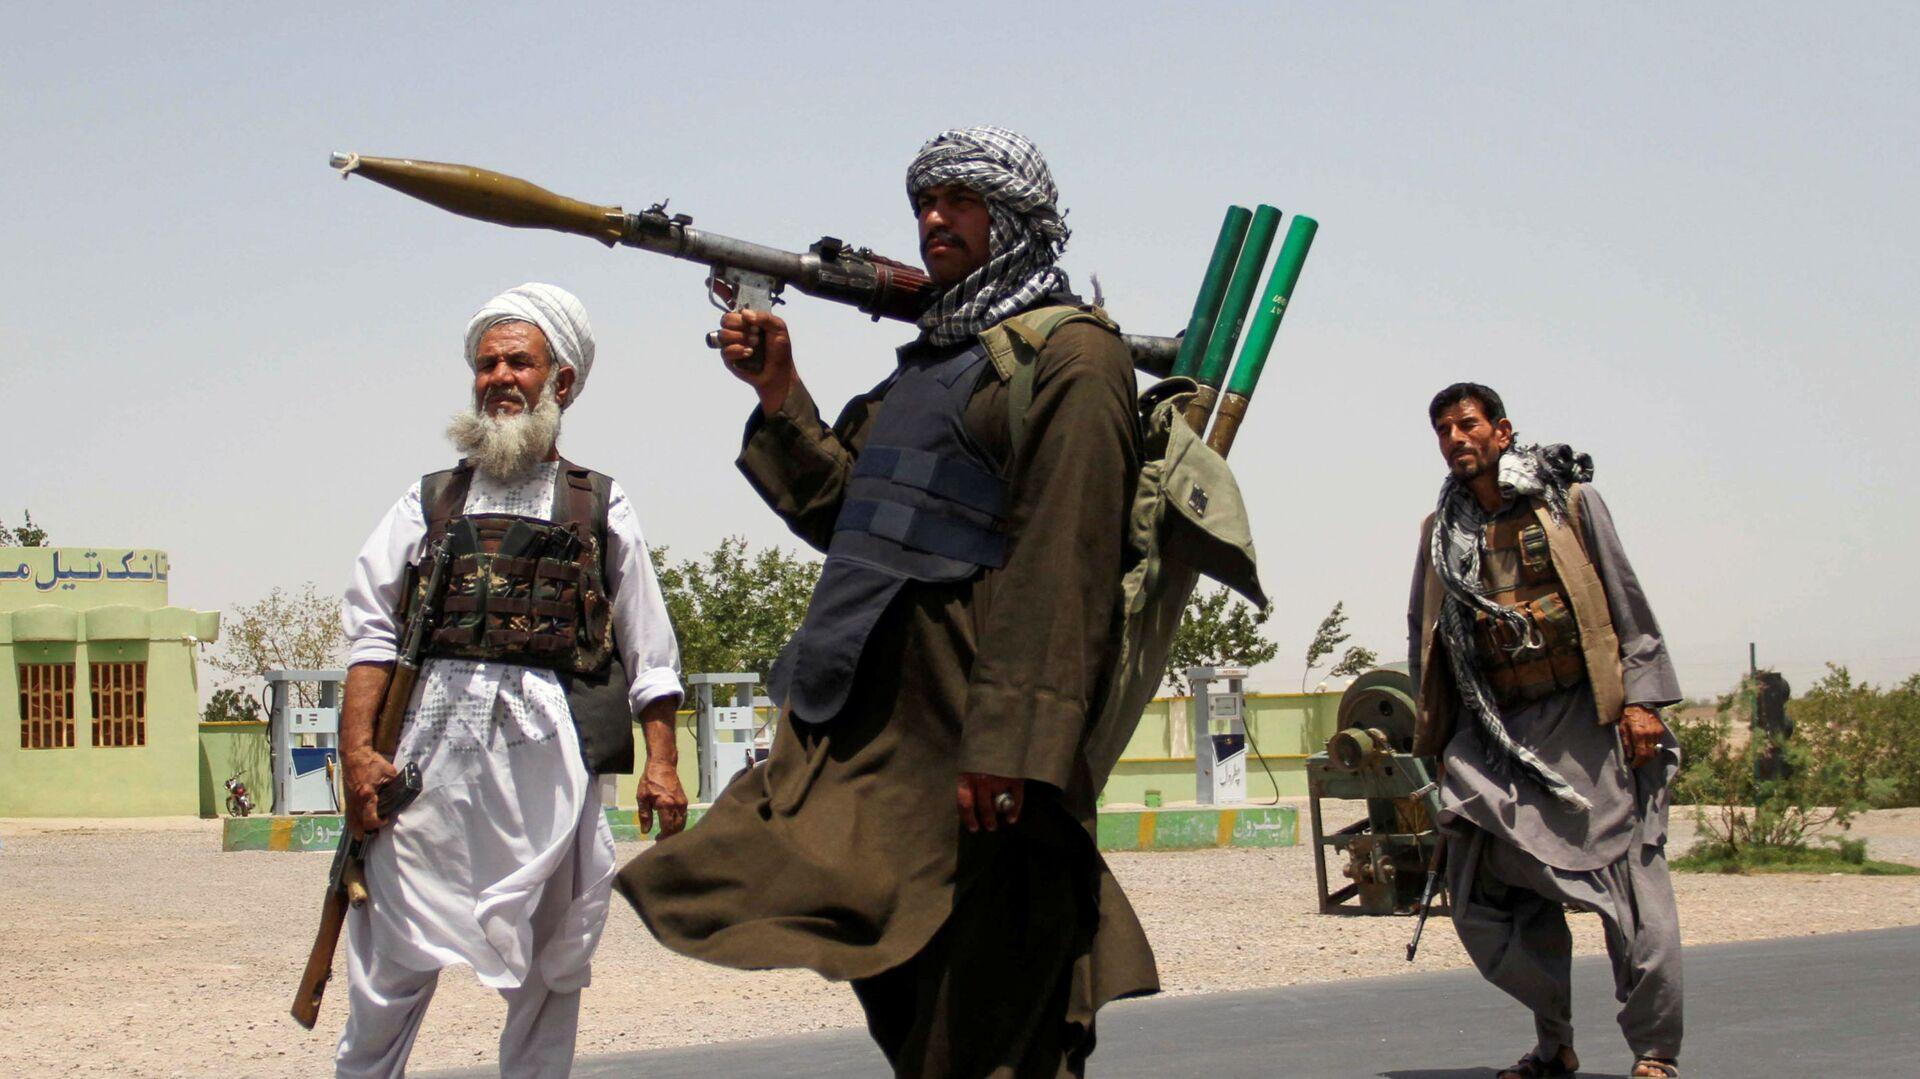 Bývalí mudžahedíni, kteří pomáhali afghánské armádě v boji proti Talibanu - Sputnik Česká republika, 1920, 17.07.2021